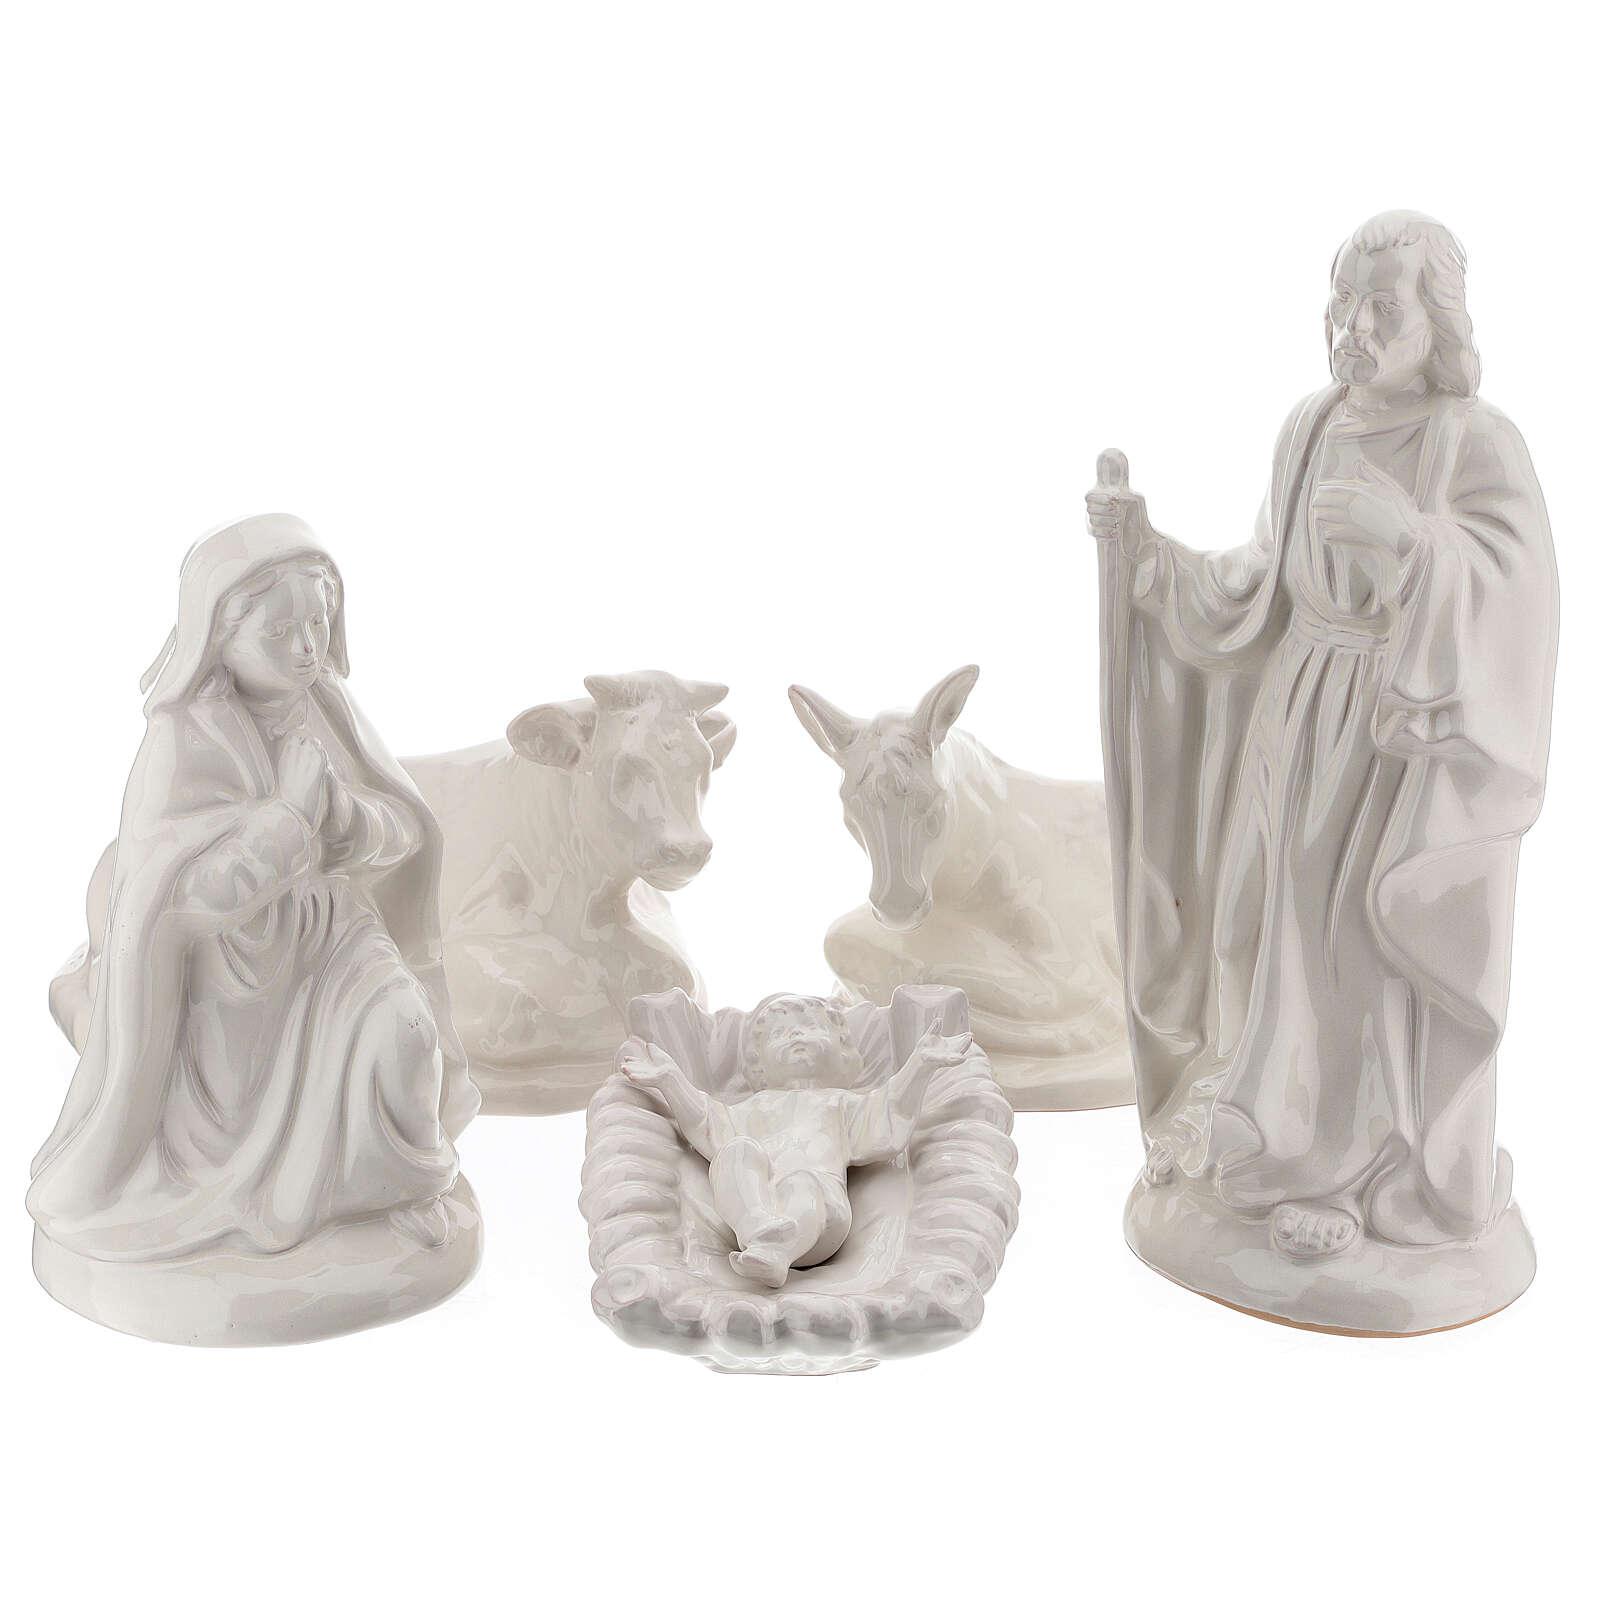 Belén Natividad 40 cm terracota blanca Deruta 5 piezas 4